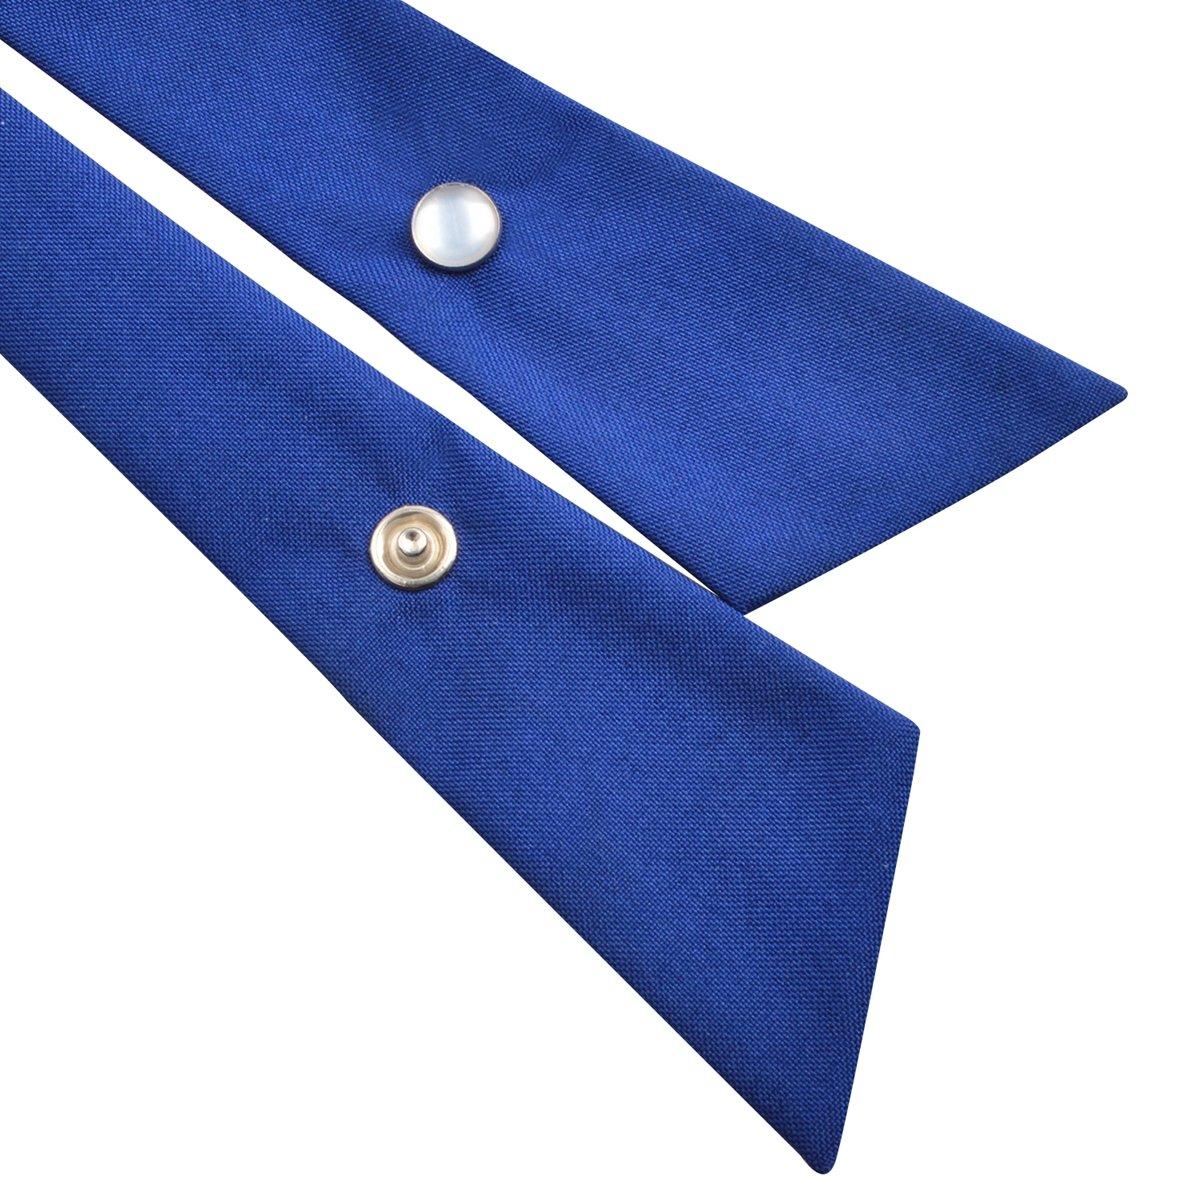 5d1a90d3f1f05 Alizeal Nœud Papillon Croisé pour Uniforme pour Homme Femme Fille-Bleu  Royal: Amazon.fr: Vêtements et accessoires